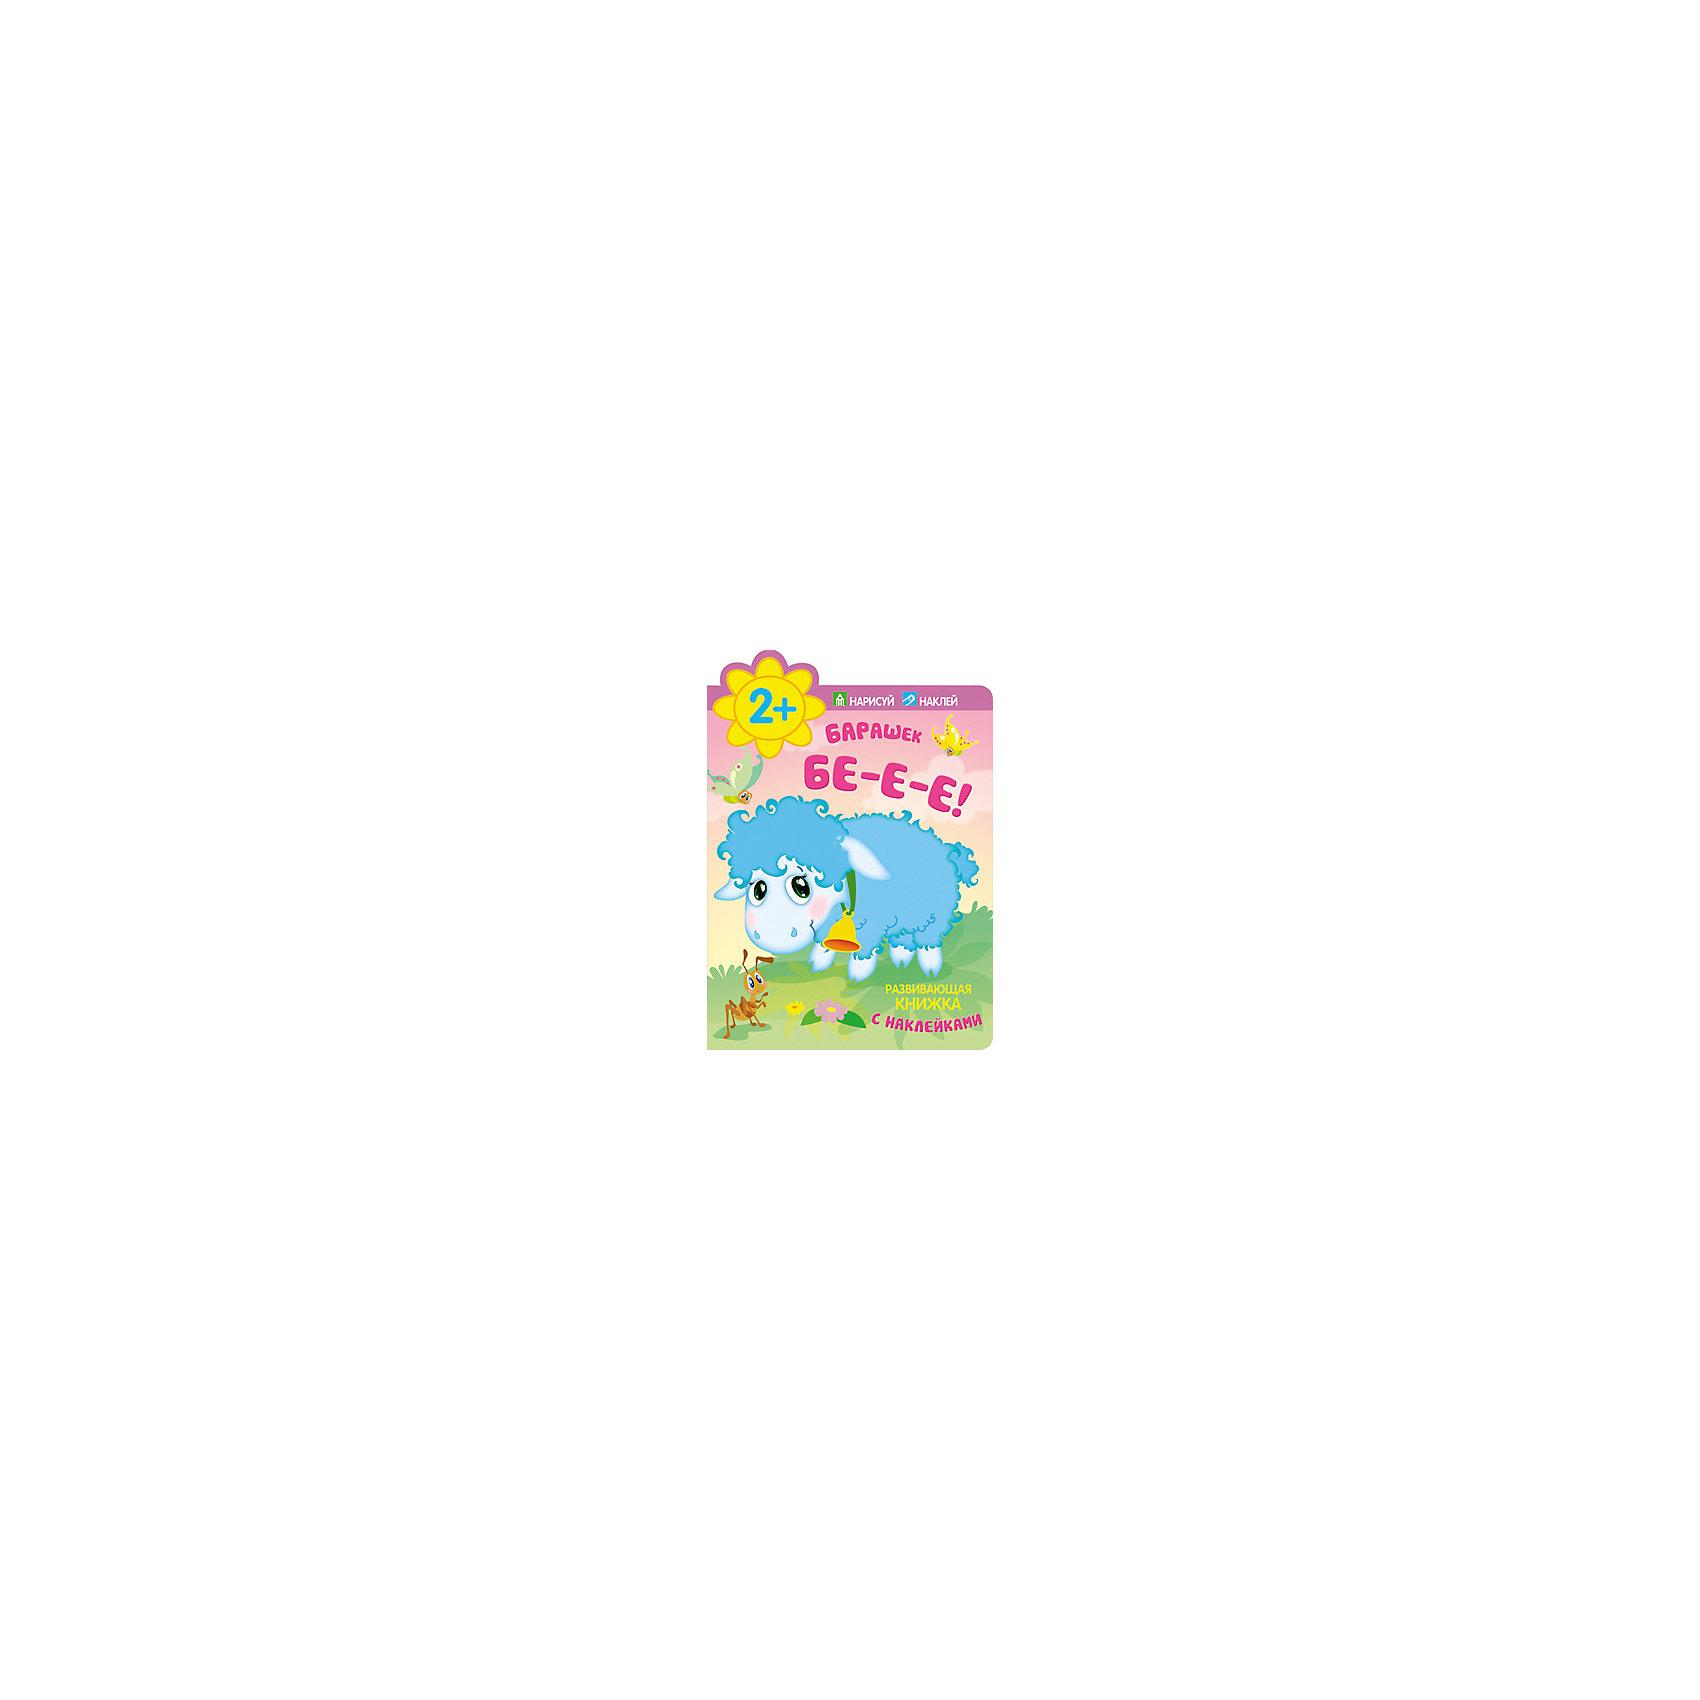 Развивающая книжка с наклейками Барашек: Бе-е-е!, 2+Развивающие книги<br>Развивающие книжки с наклейками.Барашек.Бе-е-е!<br>Эта развивающая книга с наклейками создана специально для самых маленьких читателей.<br>Весёлые стихи и яркие иллюстрации познакомят малыша с разными животными.<br>Рассматривая картинки, подбирая нужные наклейки, дорисовывая и отвечая на вопросы, ребенок узнаёт много нового, знакомится с окружающим миром.<br>Проводите время вместе с ребенком не только весело, но и с пользой!<br>Работа с наклейками – занятие не только увлекательное, но и полезное.<br>Оно способствует развитию воображения, мелкой моторики рук, координации движения.<br>Книга позволяет детям лучше узнать окружающий мир, способствует интеллектуальному развитию малыша.<br><br>Ширина мм: 20<br>Глубина мм: 205<br>Высота мм: 287<br>Вес г: 71<br>Возраст от месяцев: 24<br>Возраст до месяцев: 48<br>Пол: Унисекс<br>Возраст: Детский<br>SKU: 5562610